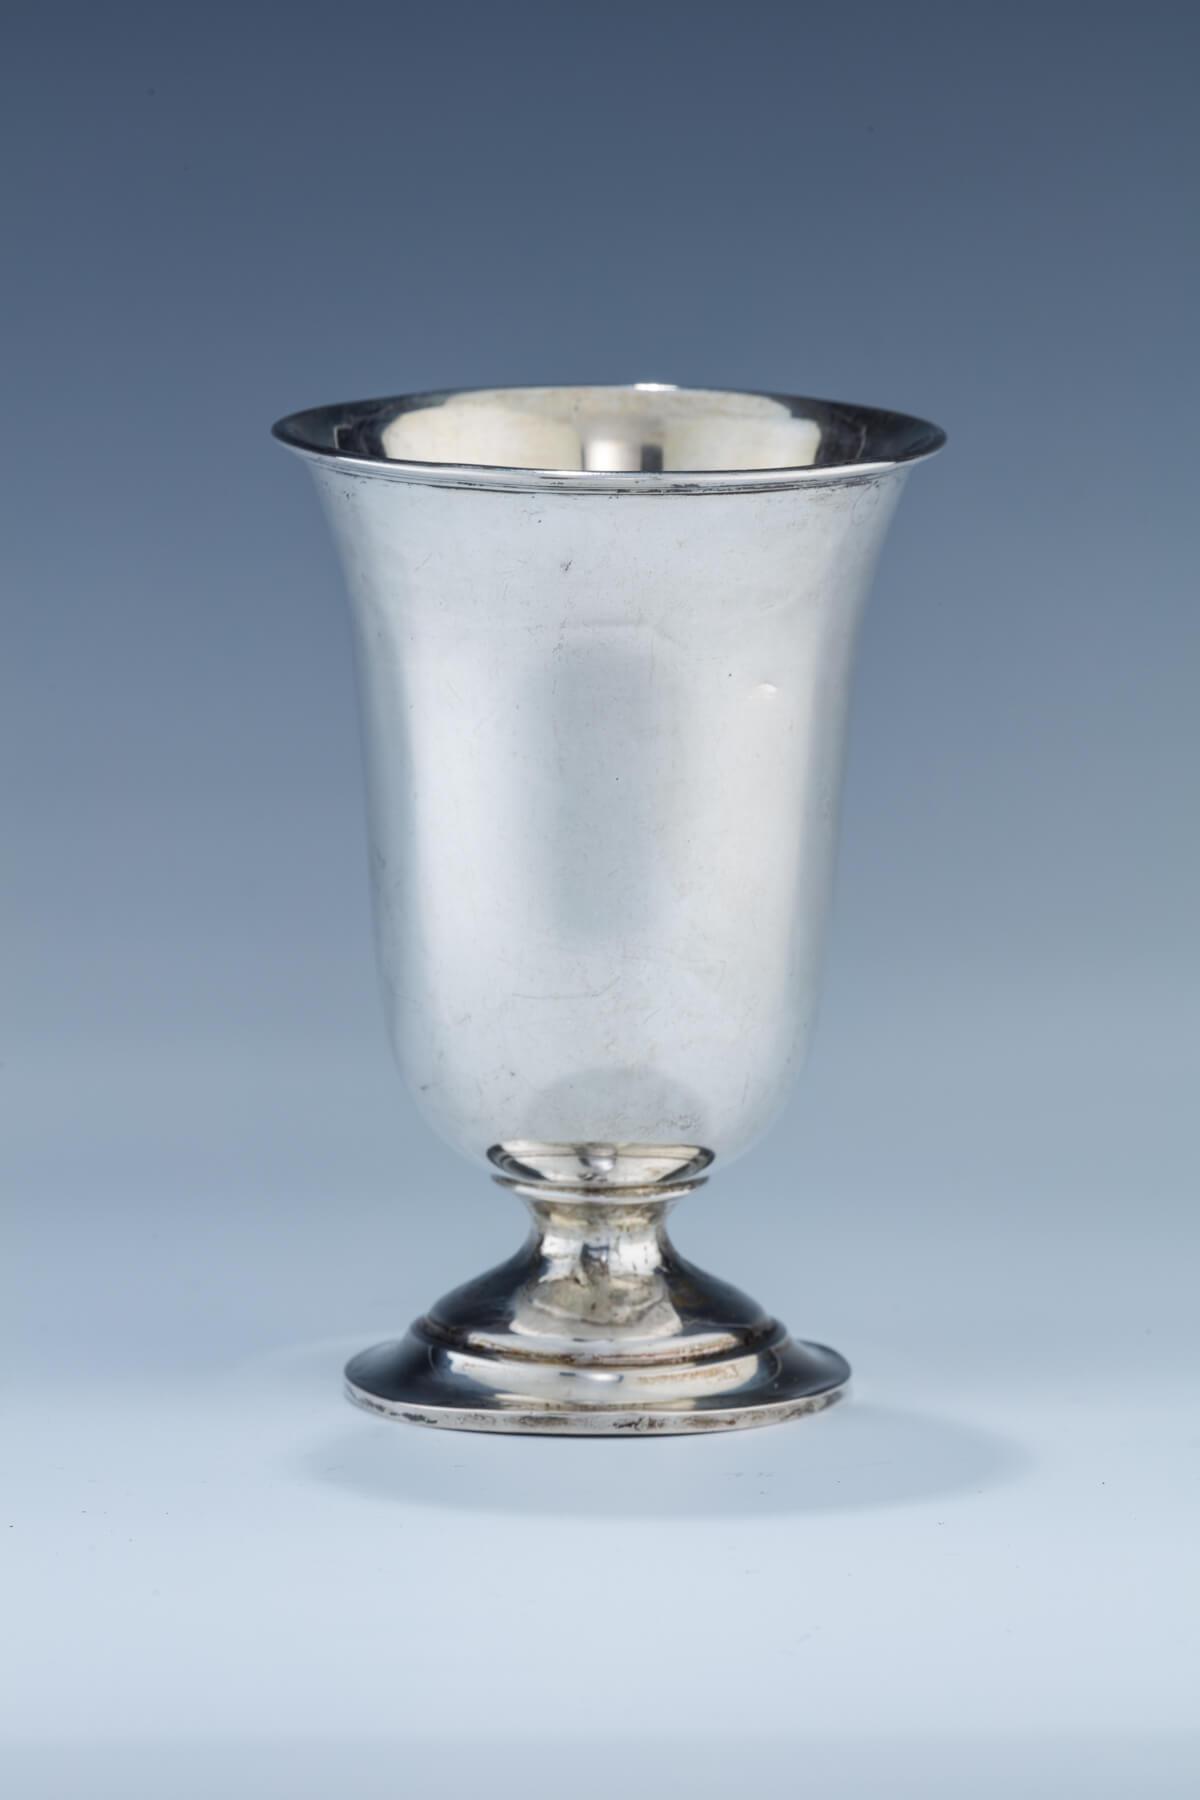 48. A Silver Kiddush Cup